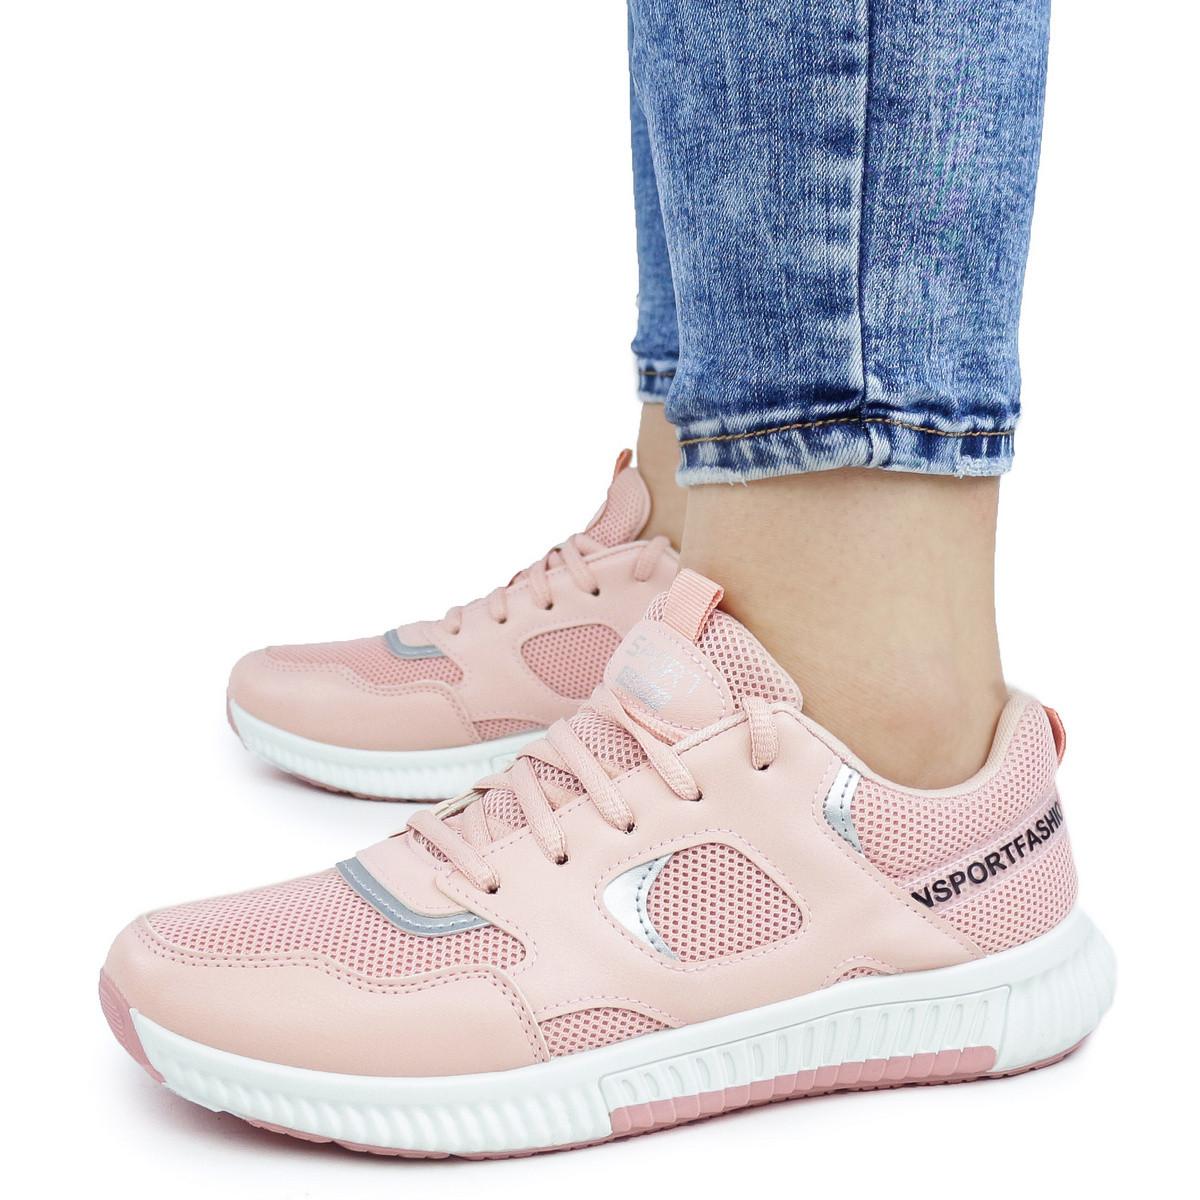 Женские кроссовки Dual розовые демисезонные 37 р. - 24,5 см (1340884077)